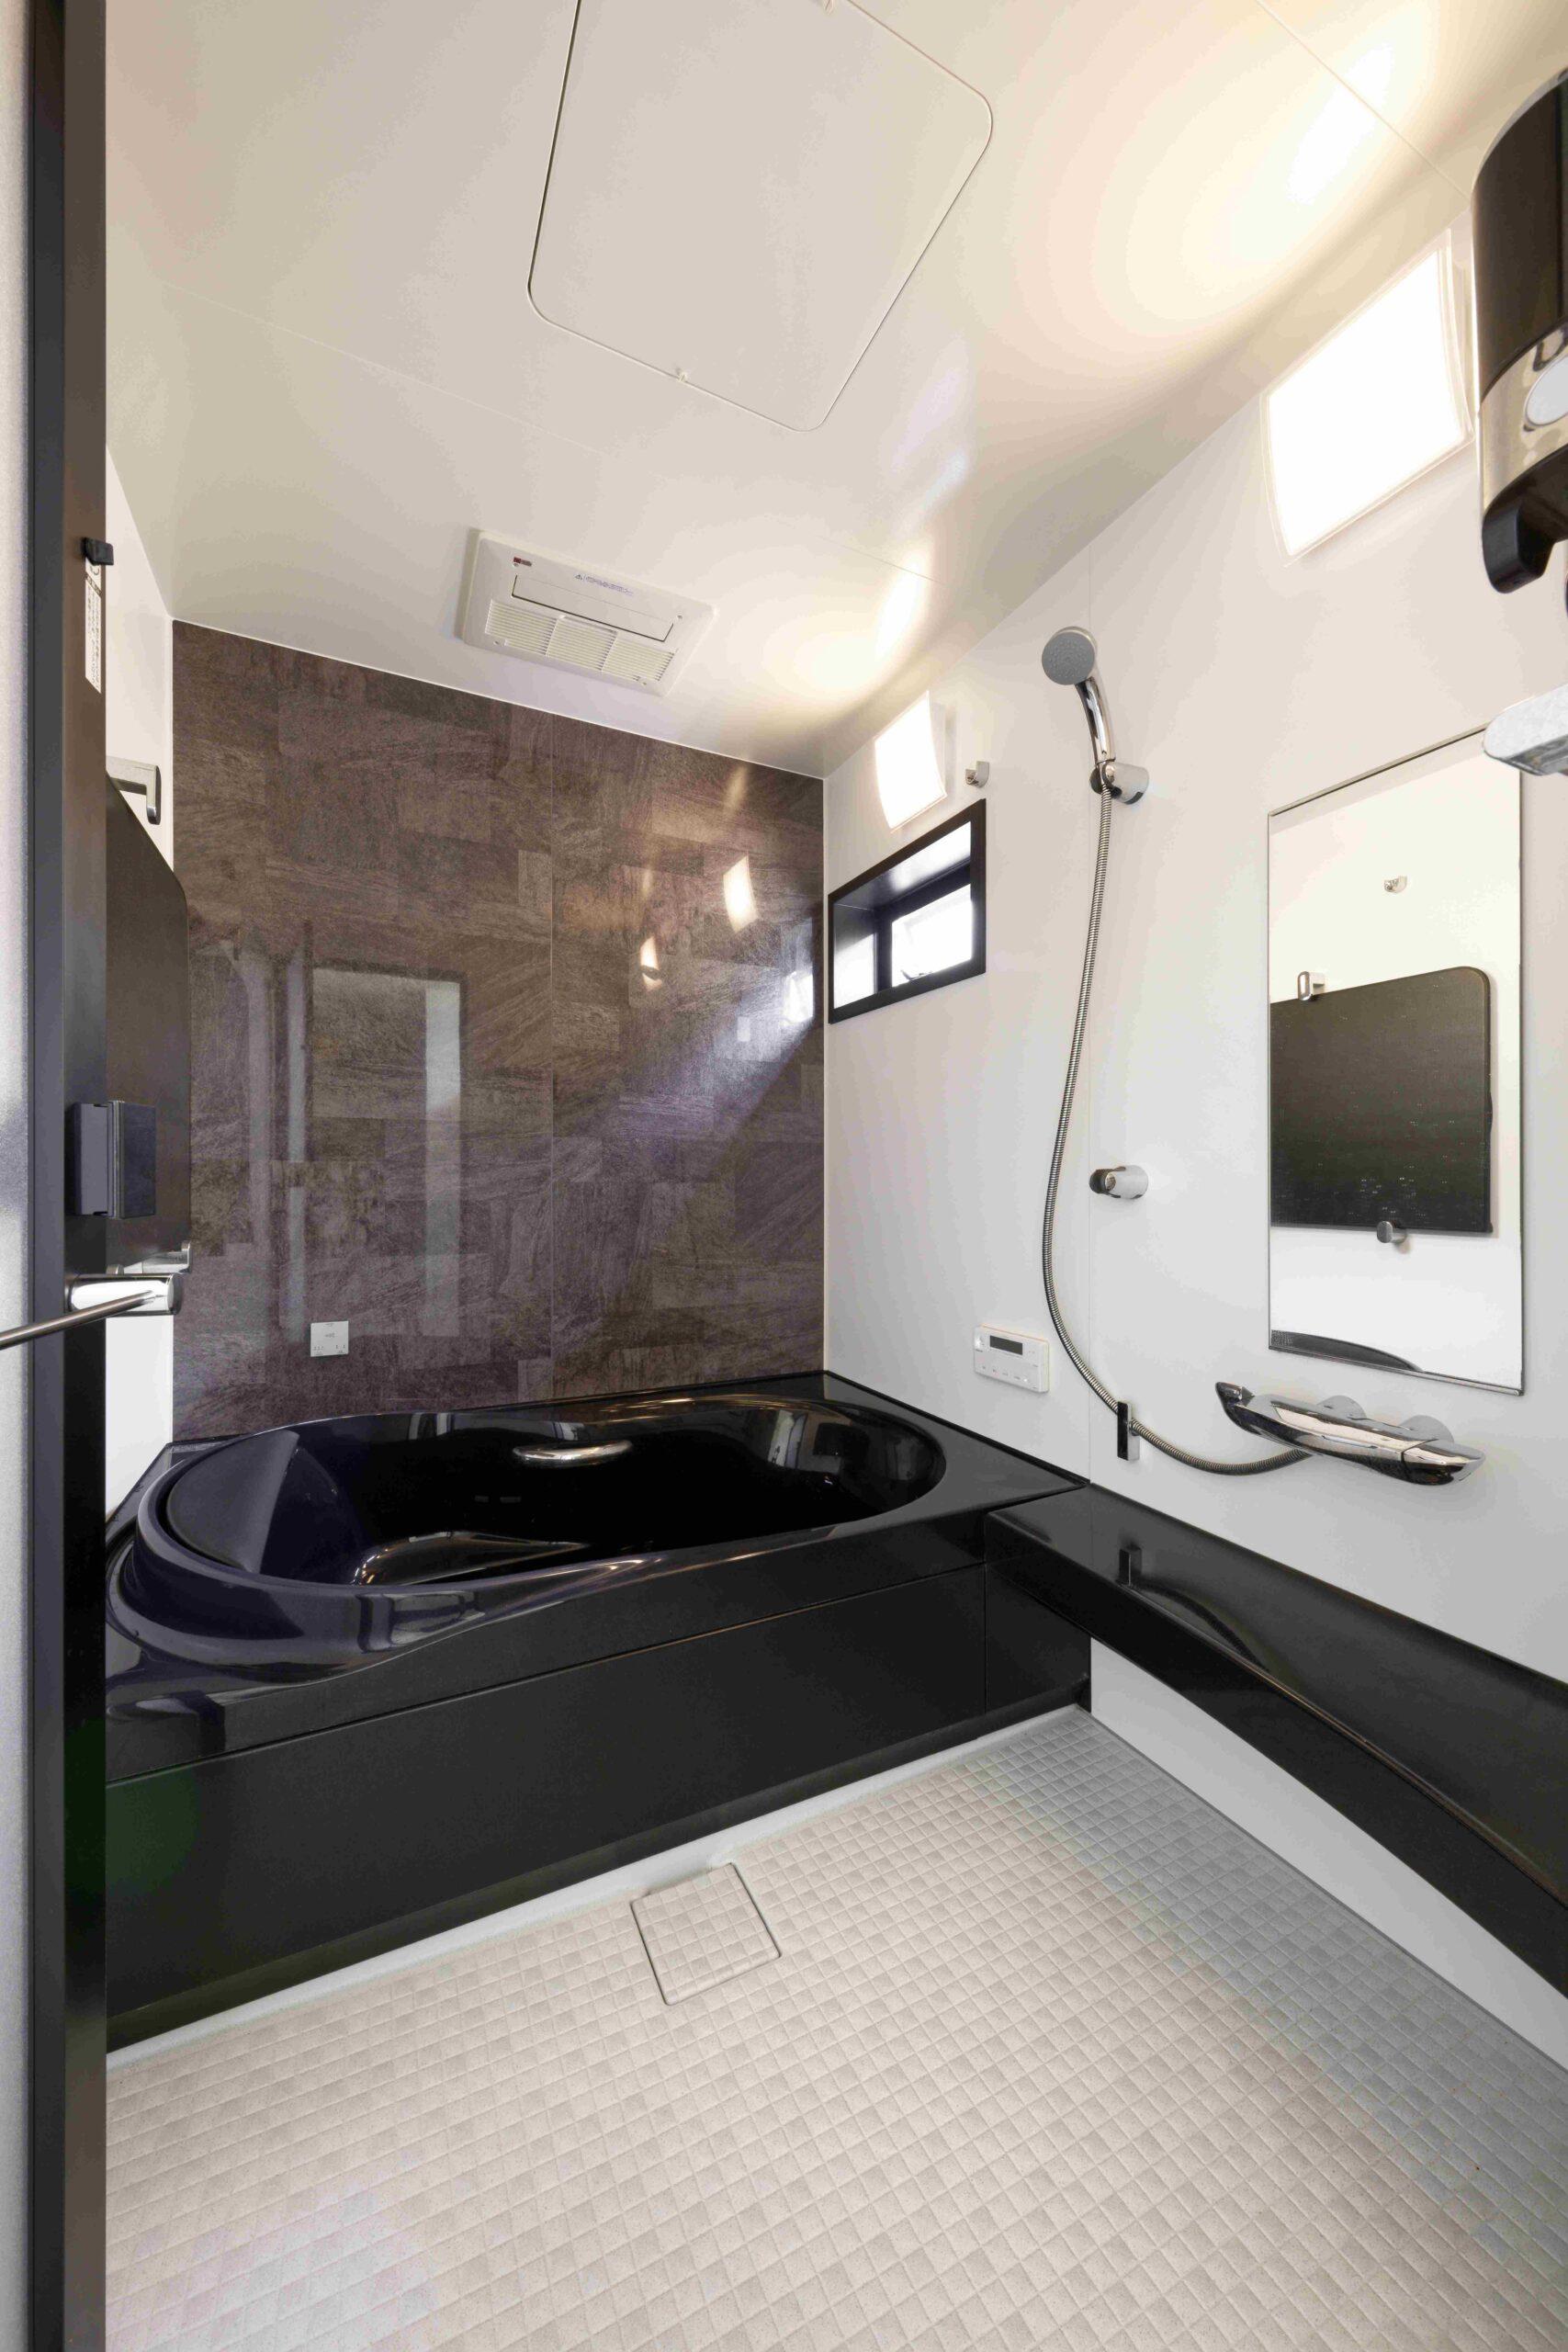 かっこいい黒のバスタブ。高窓でプライバシーにも配慮。